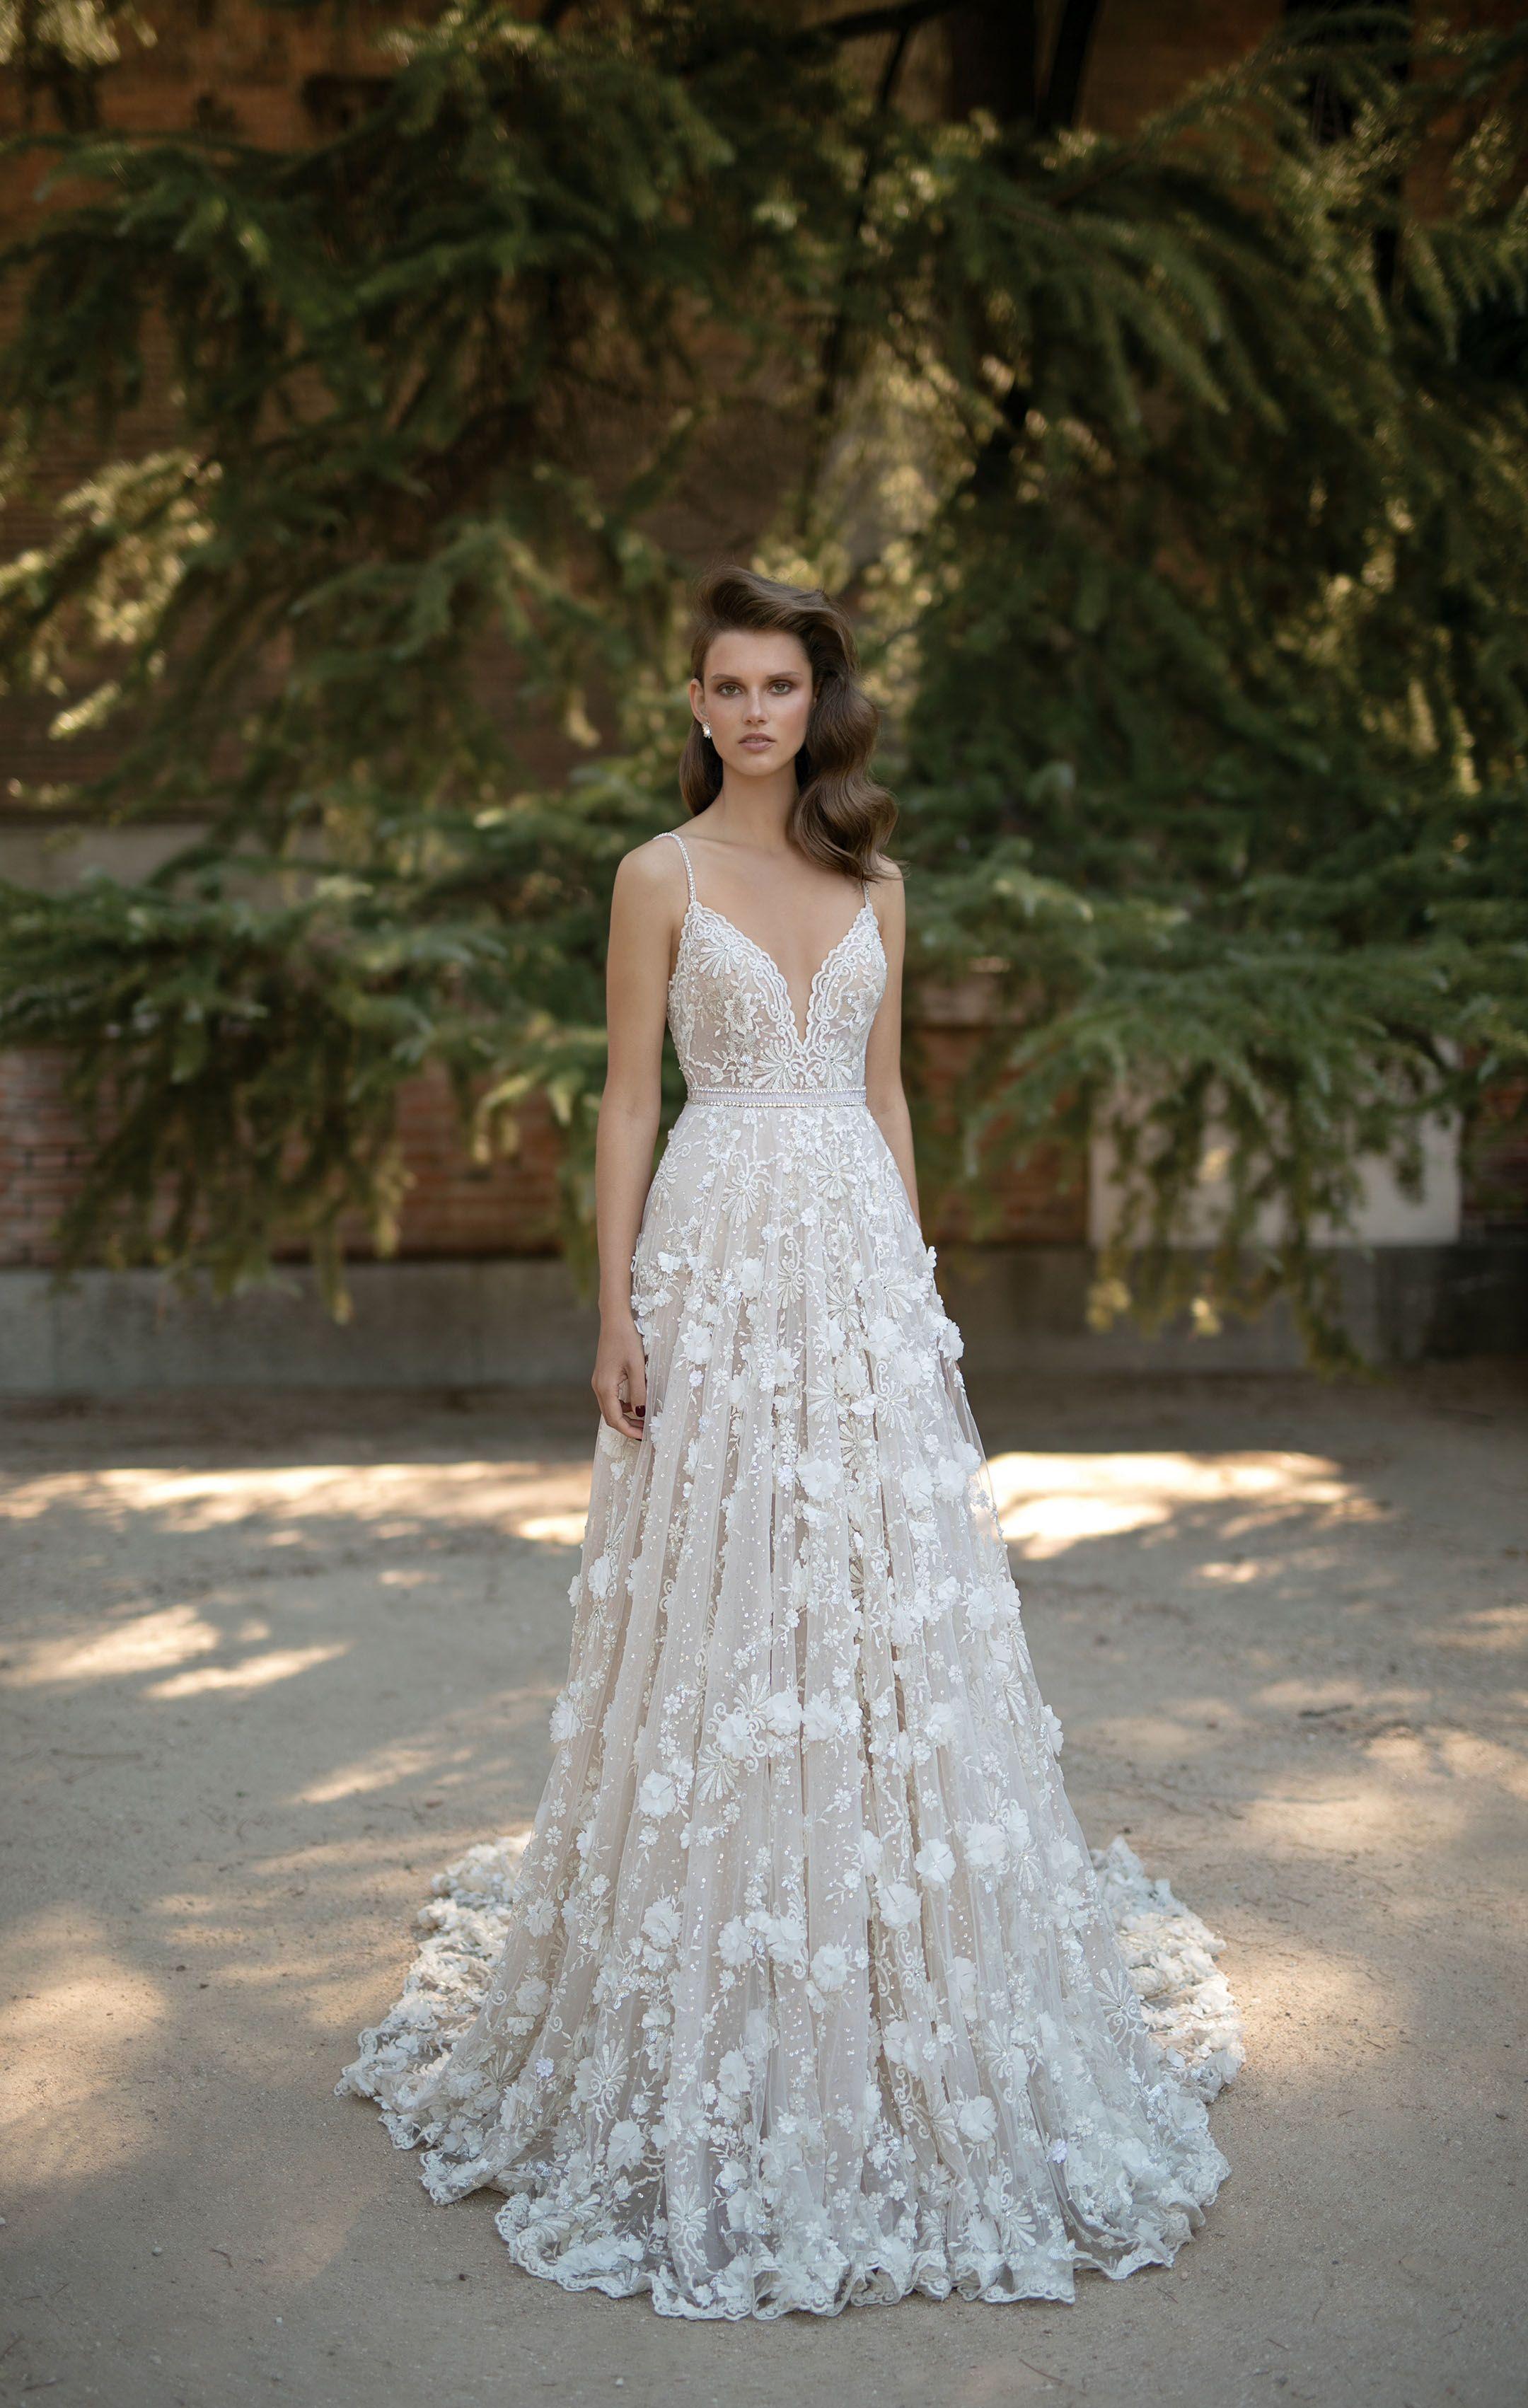 b3cd0f15f85 Berta Wedding Dress Prices Australia